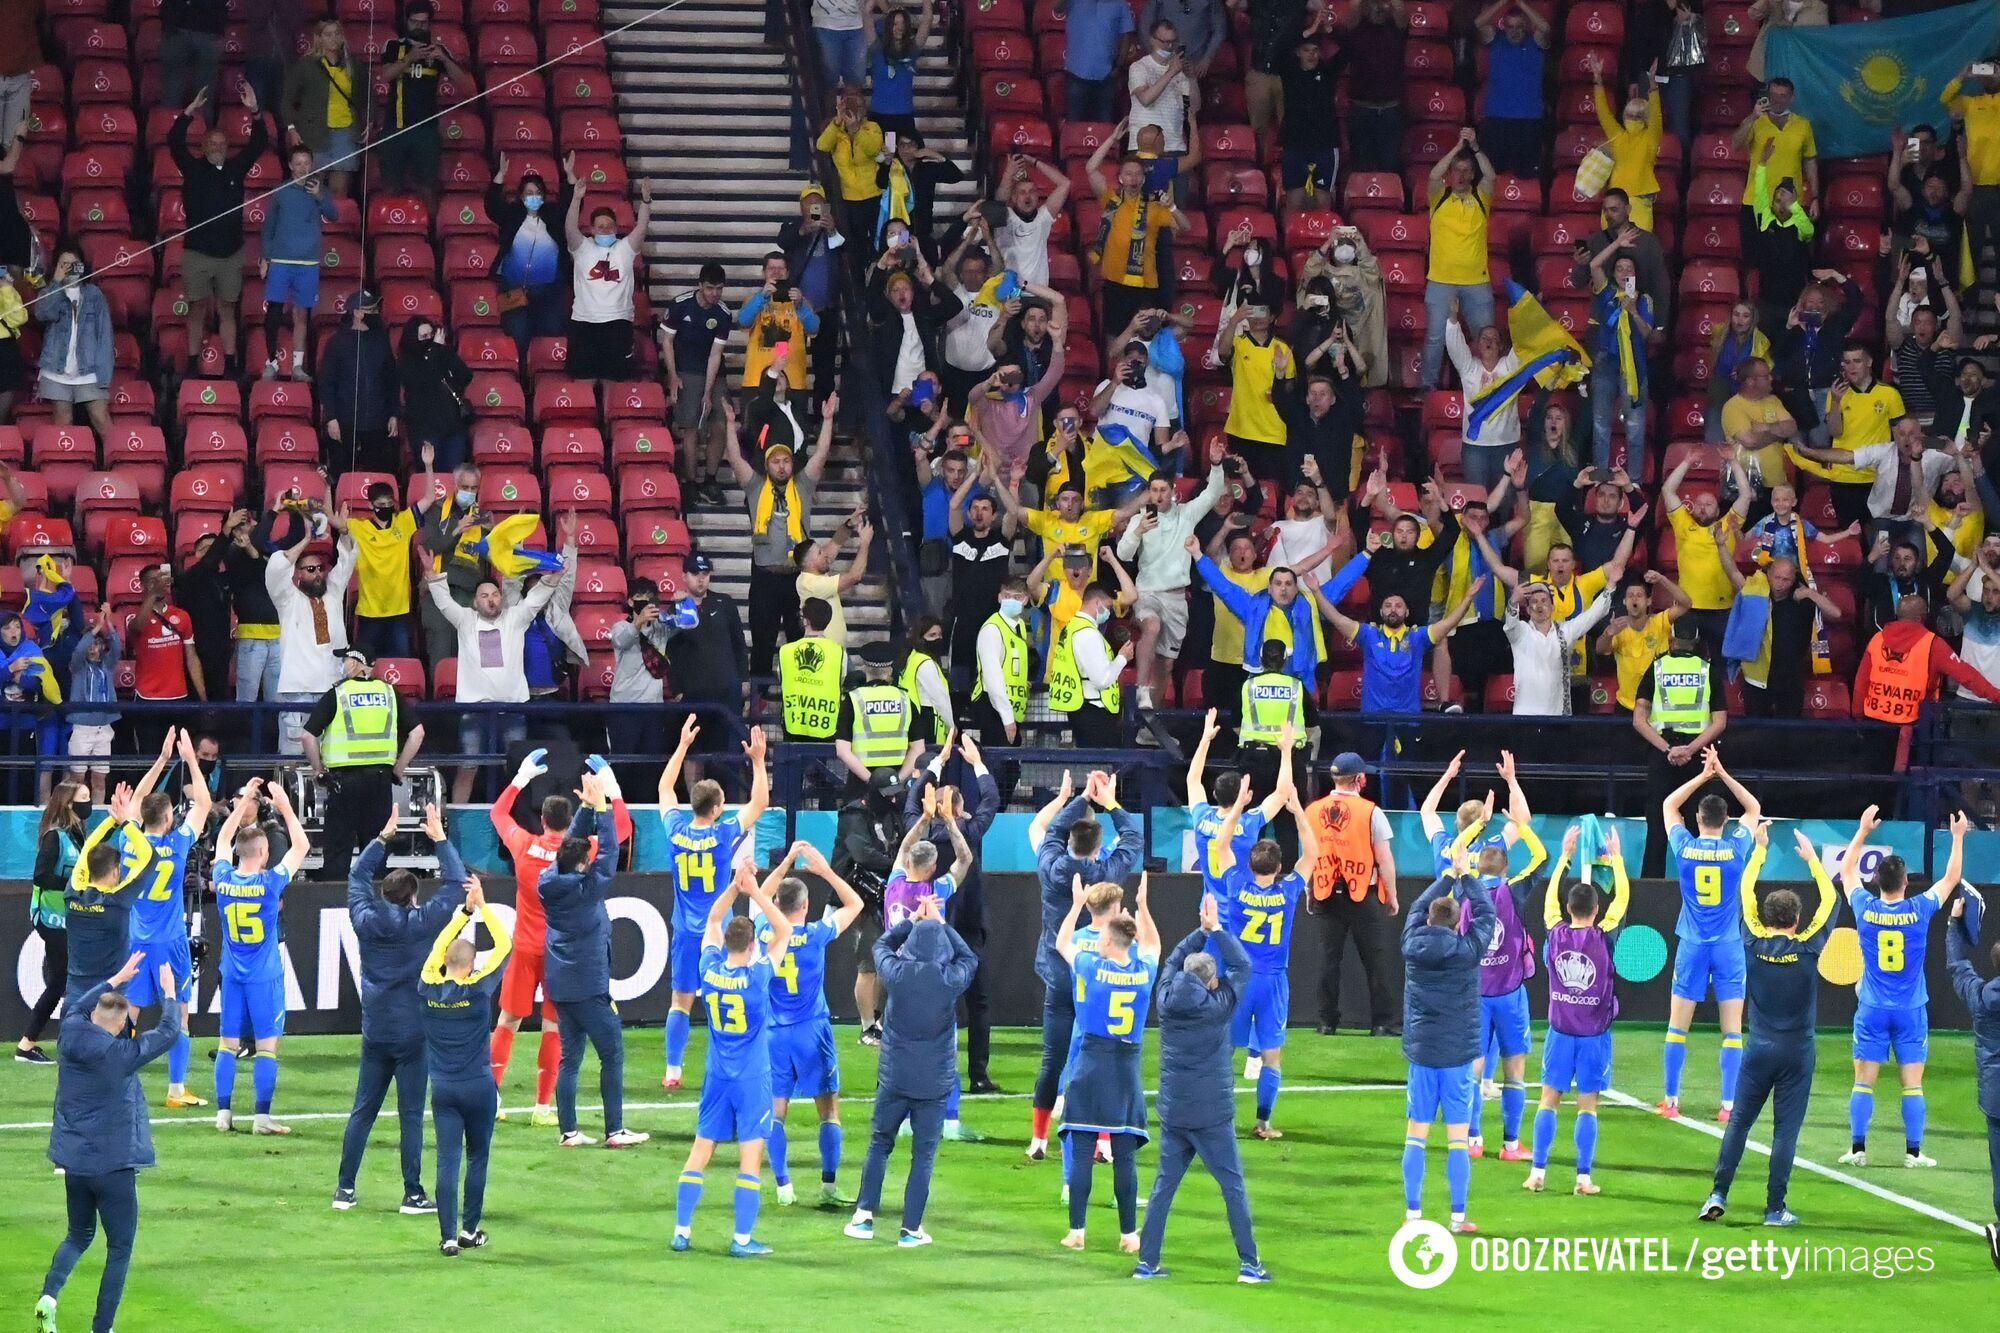 Футболісти збірної України вітають уболівальників.